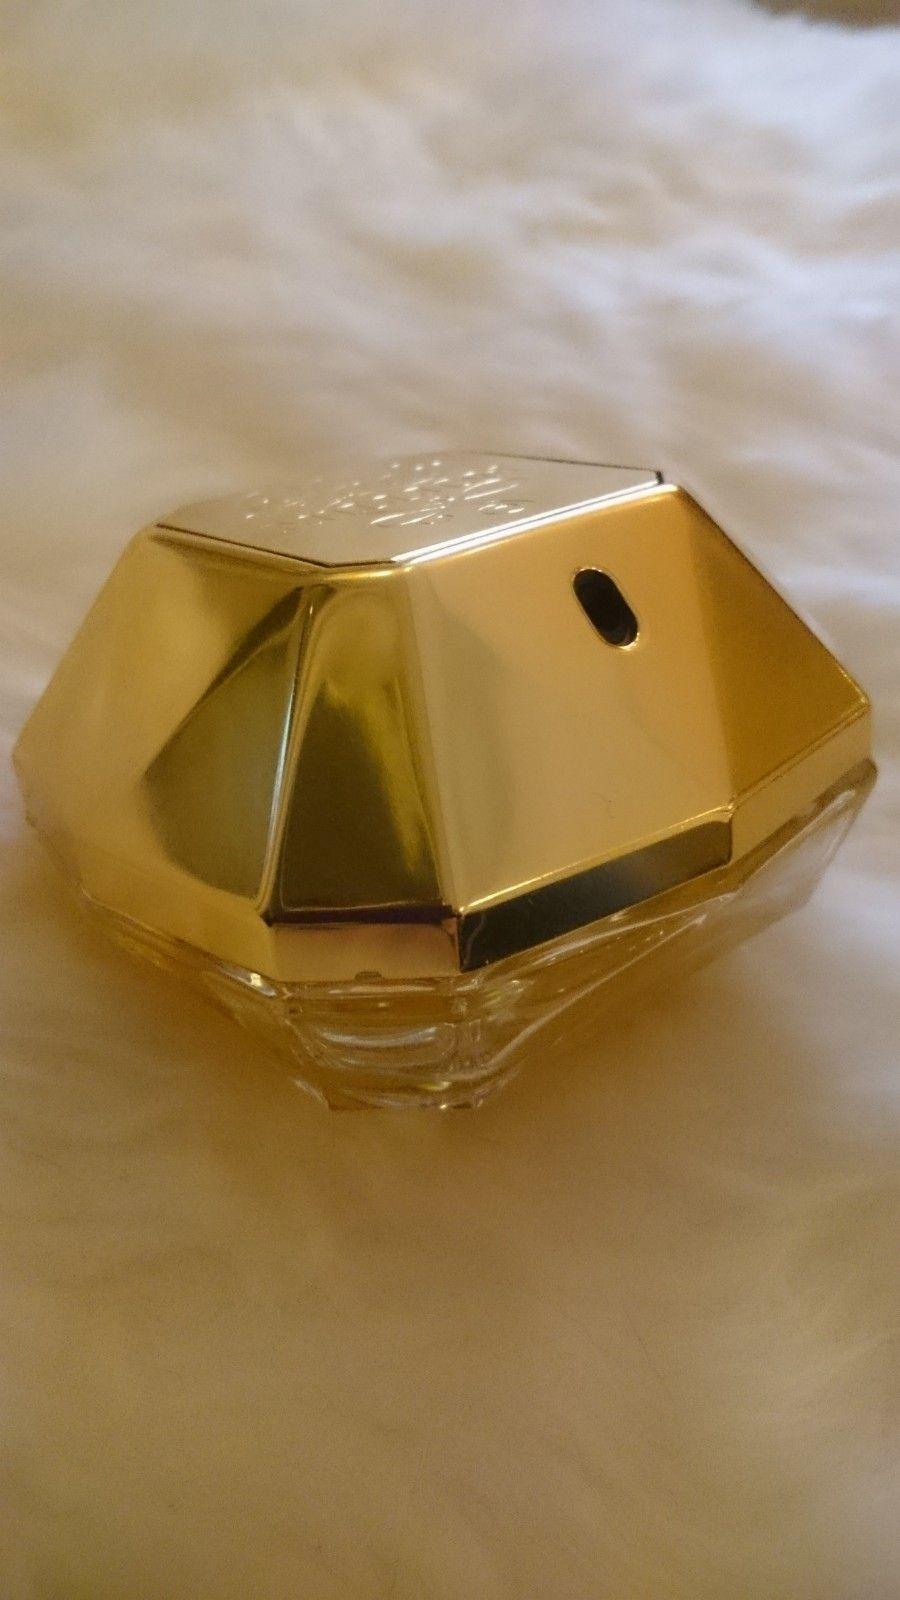 Paco Rabanne Lady Million Eau de Parfum 50 ml - Tønsberg  - Parfyme kjøpt på taxfree i september d.å. Brukt fem ganger. Selges fordi den ikke passer meg. - Tønsberg